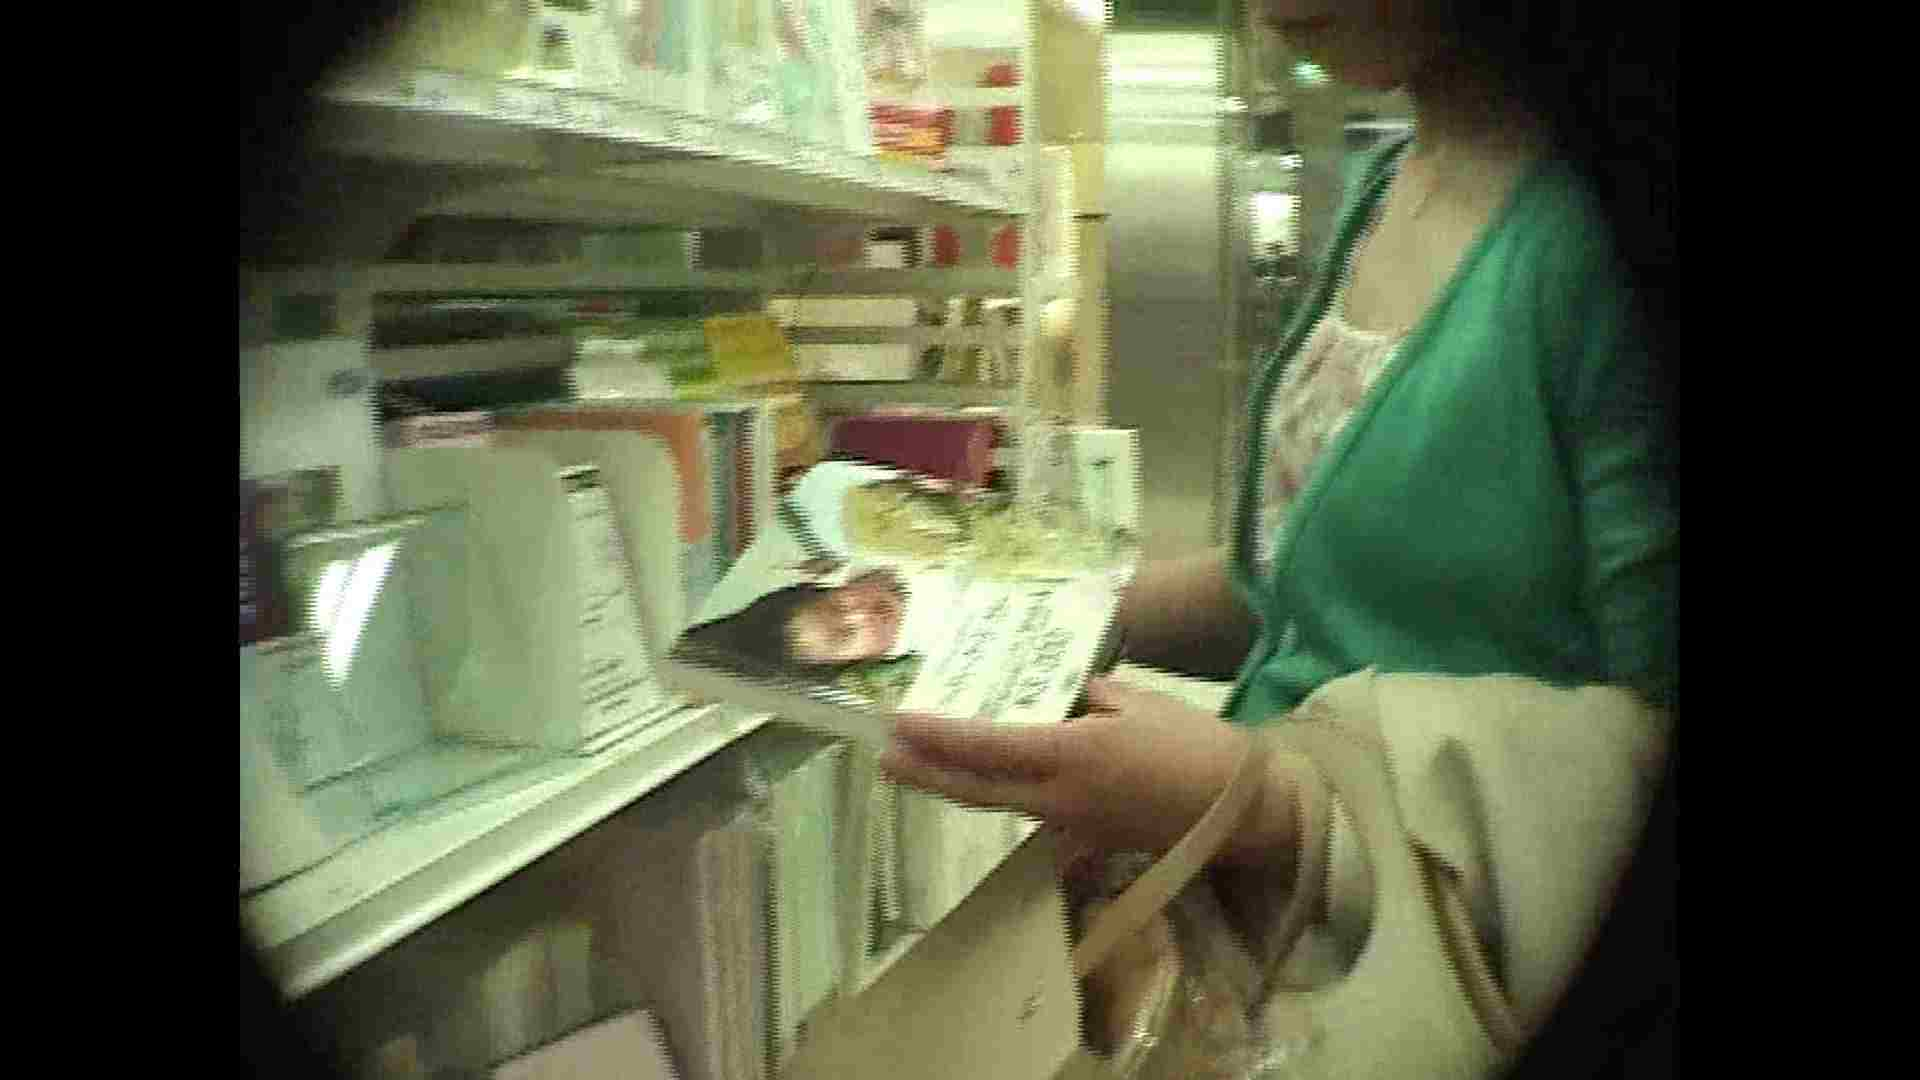 働く美女の谷間参拝 Vol.39 美女のヌード | エロティックなOL  100画像 29